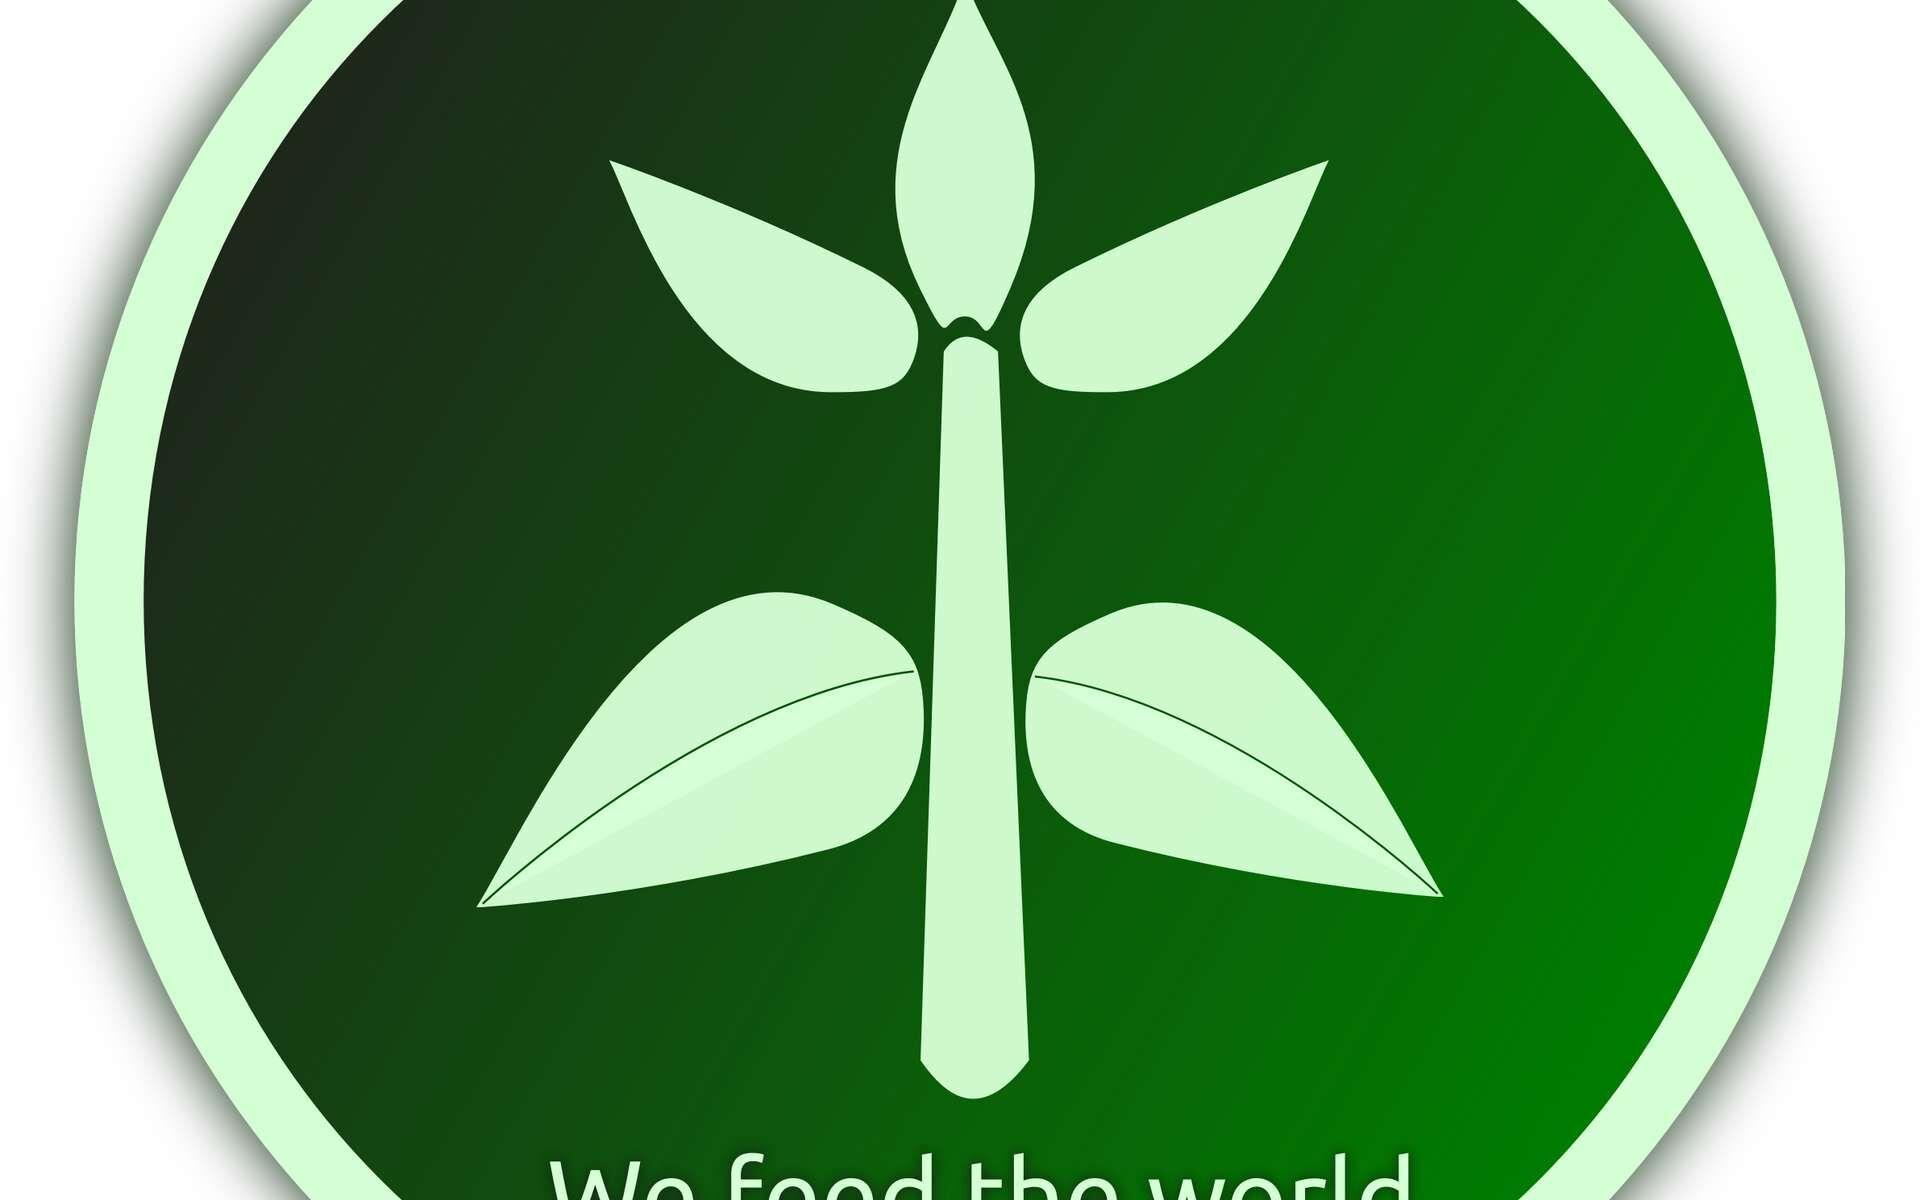 La disponibilité alimentaire, quant à elle, continue d'augmenter pour répondre aux besoins de la population mondiale.